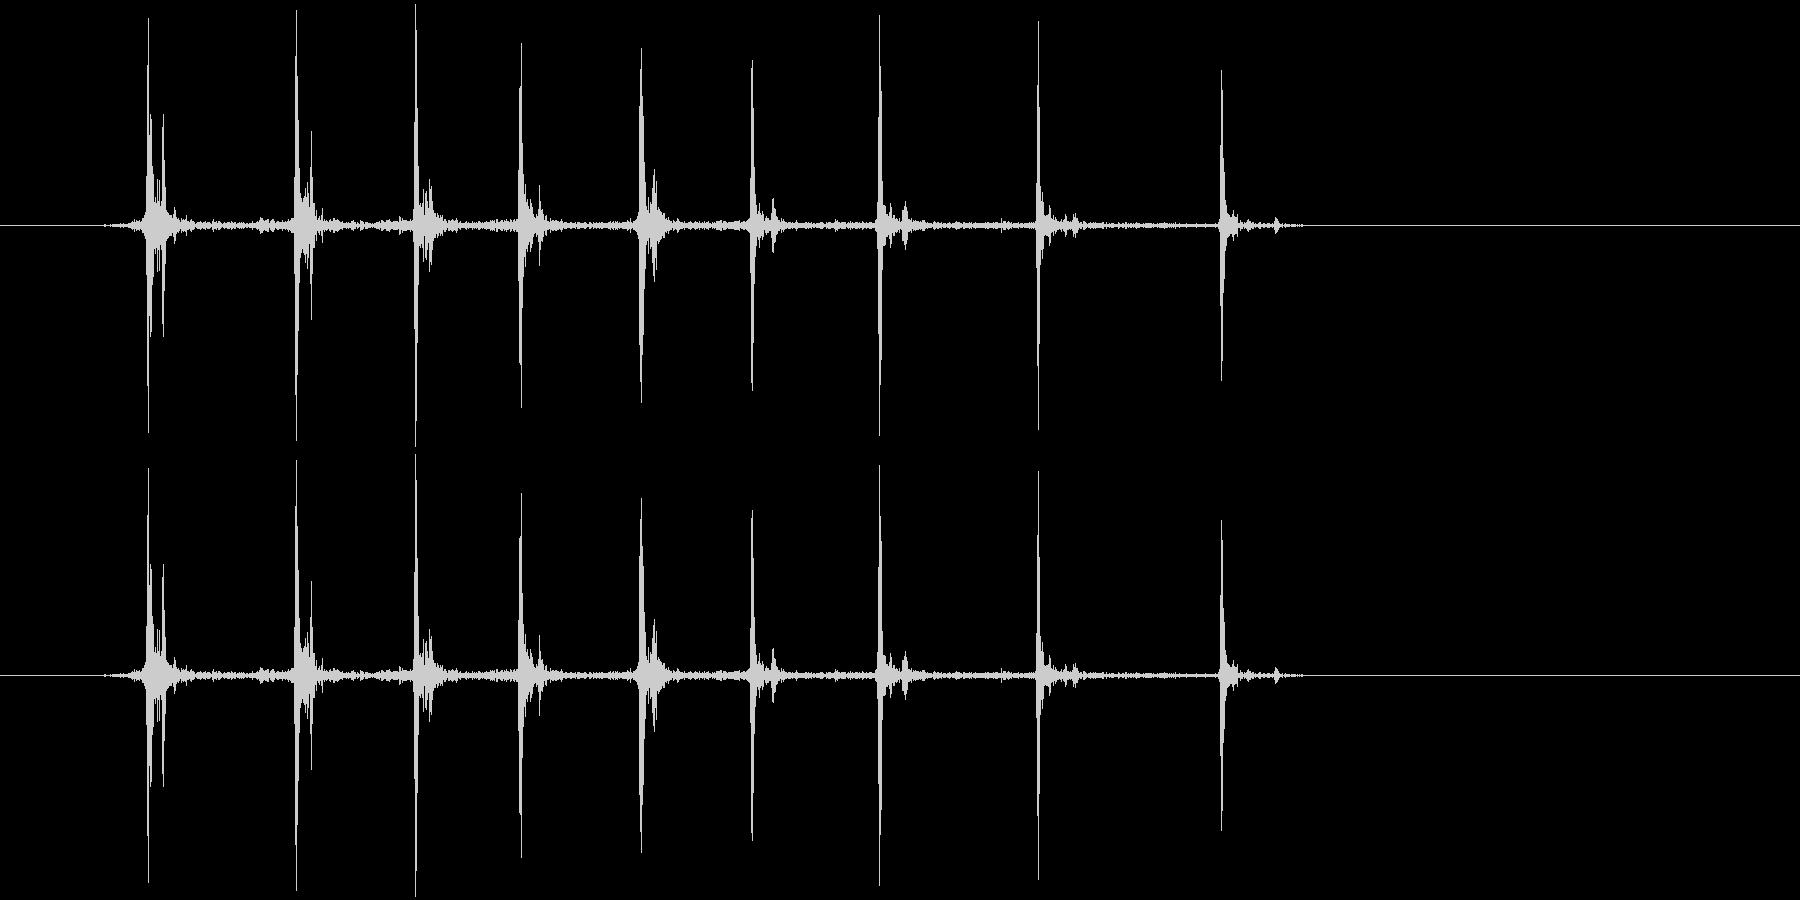 カッター(刃を出す音)の未再生の波形